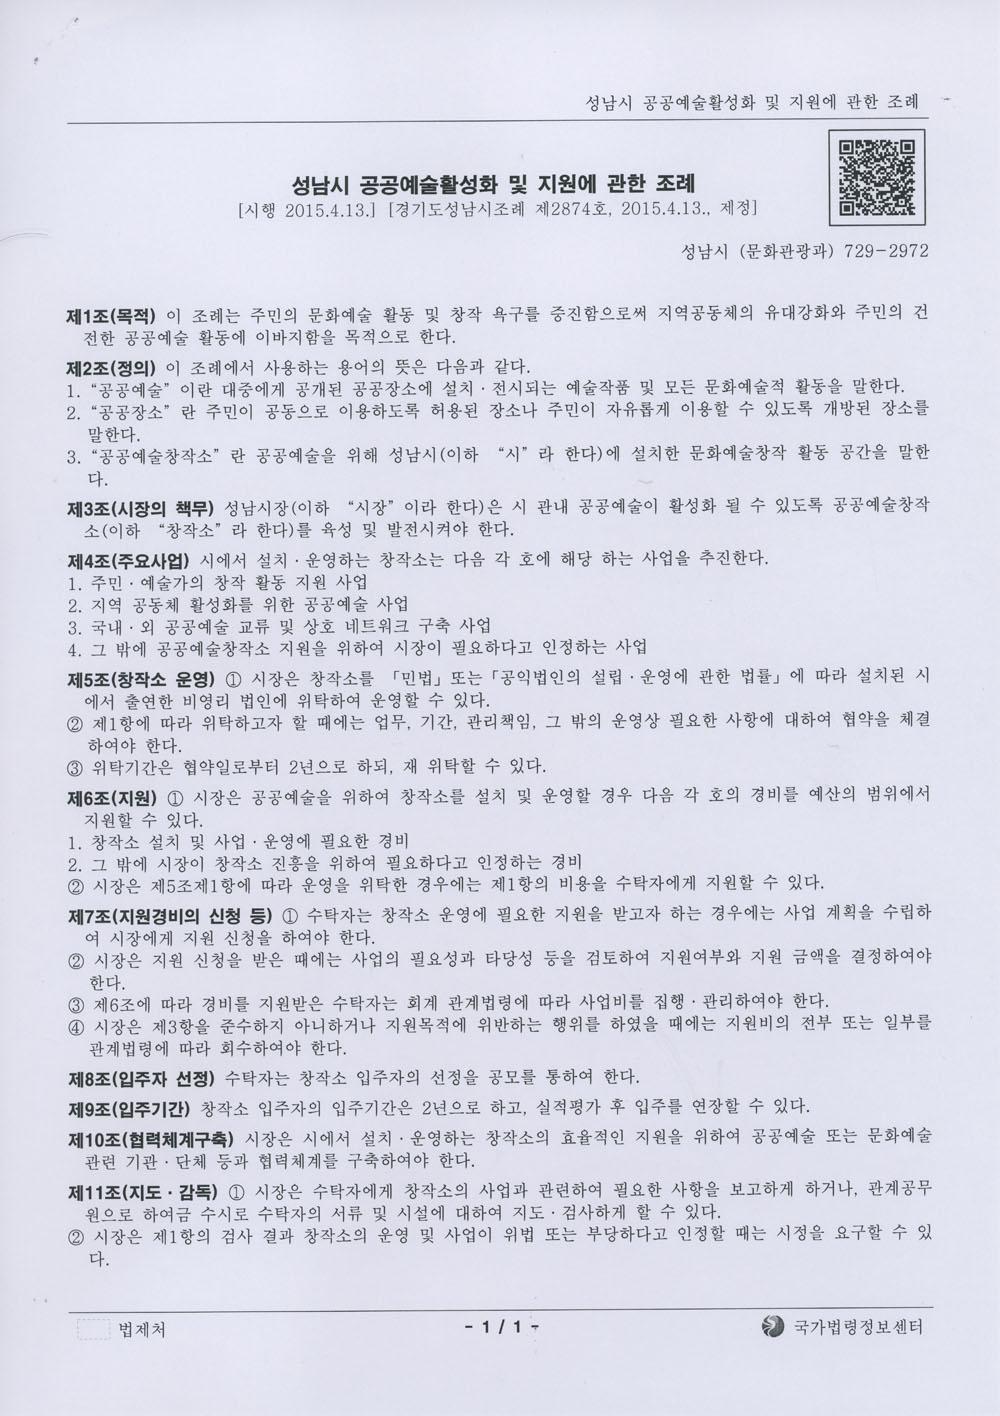 20171228_성남시 공공예술활성화 및 지원에 관한 조례_페이지_1.jpg